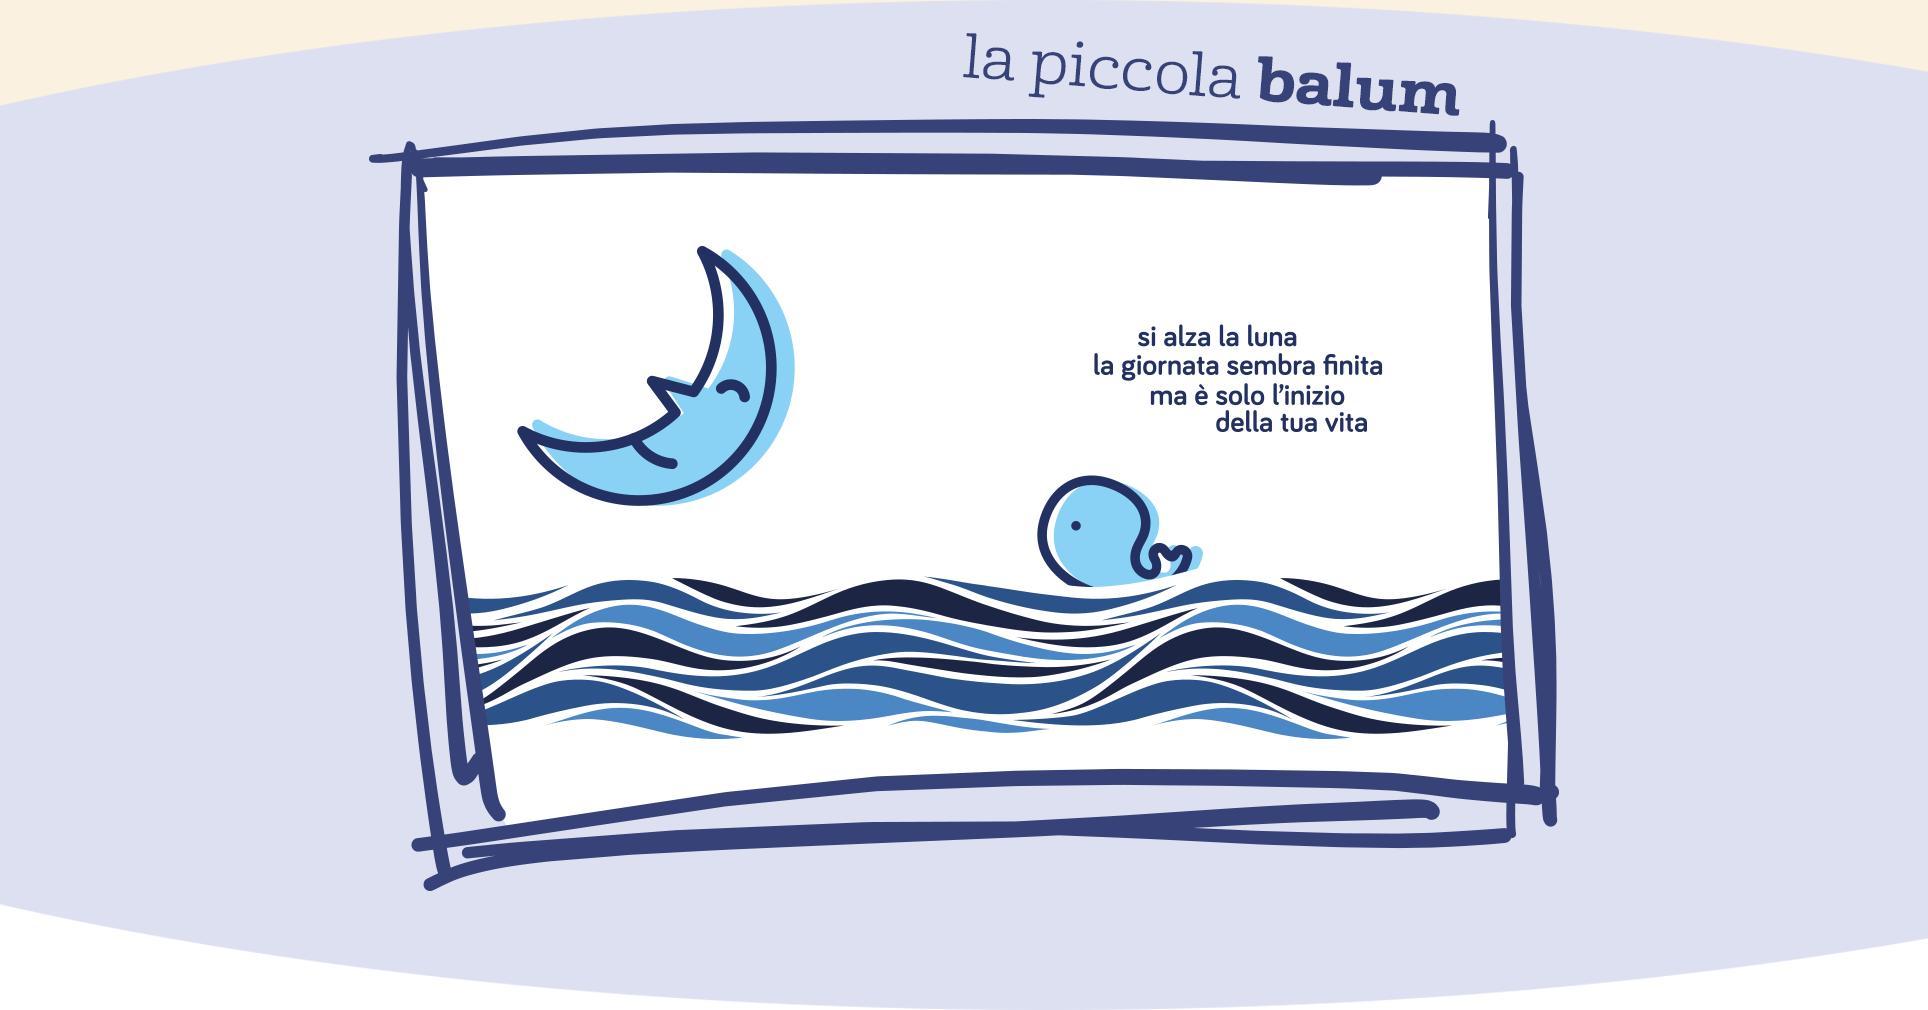 Balum Story 6